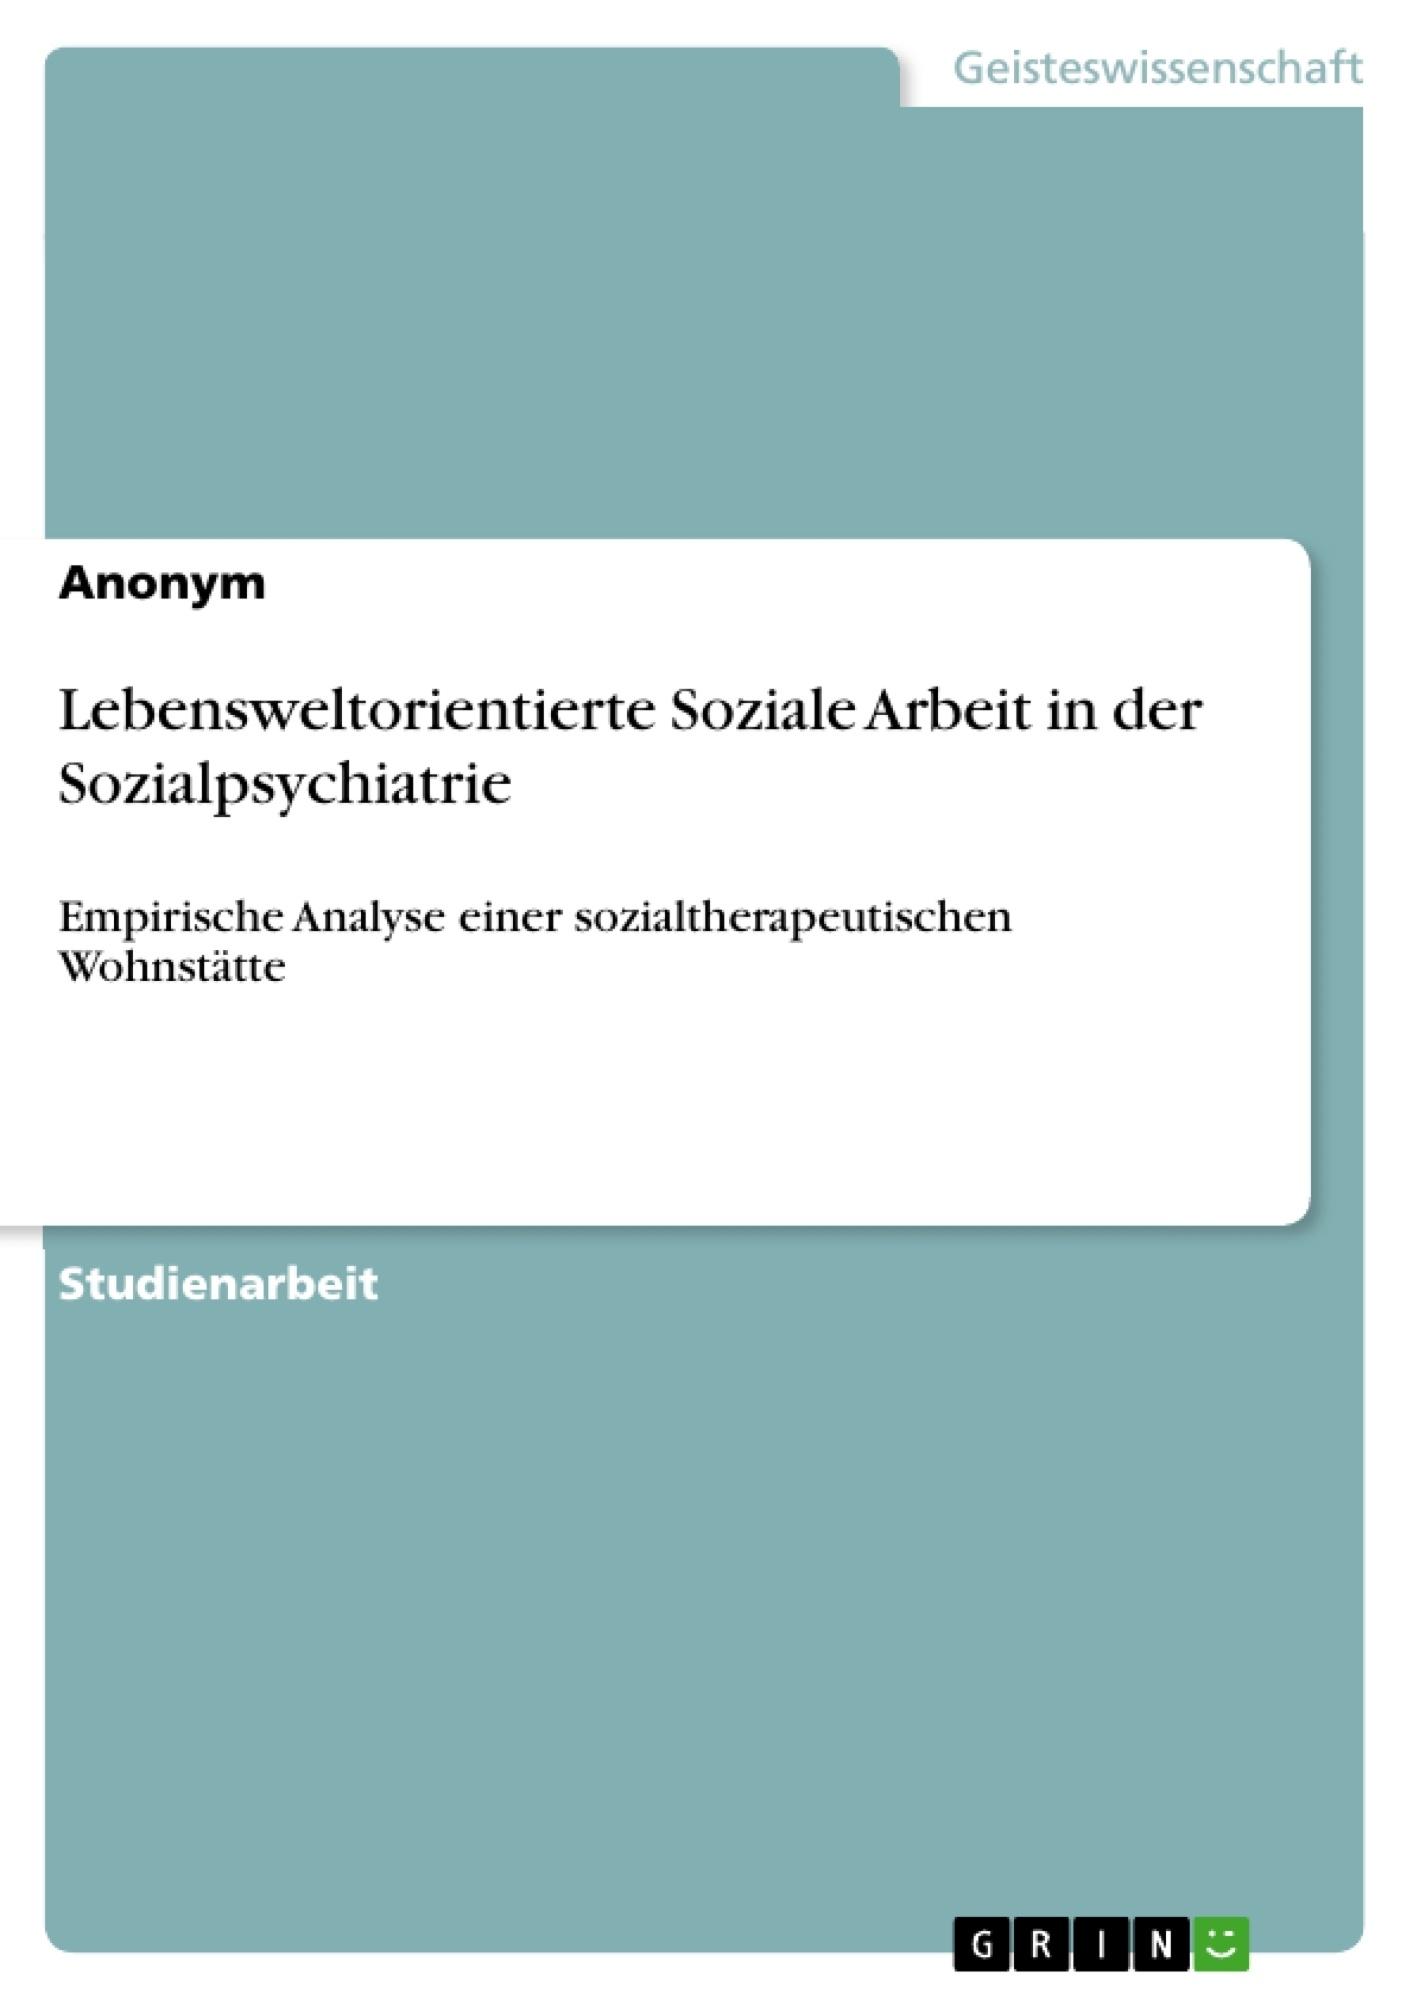 Titel: Lebensweltorientierte Soziale Arbeit in der Sozialpsychiatrie